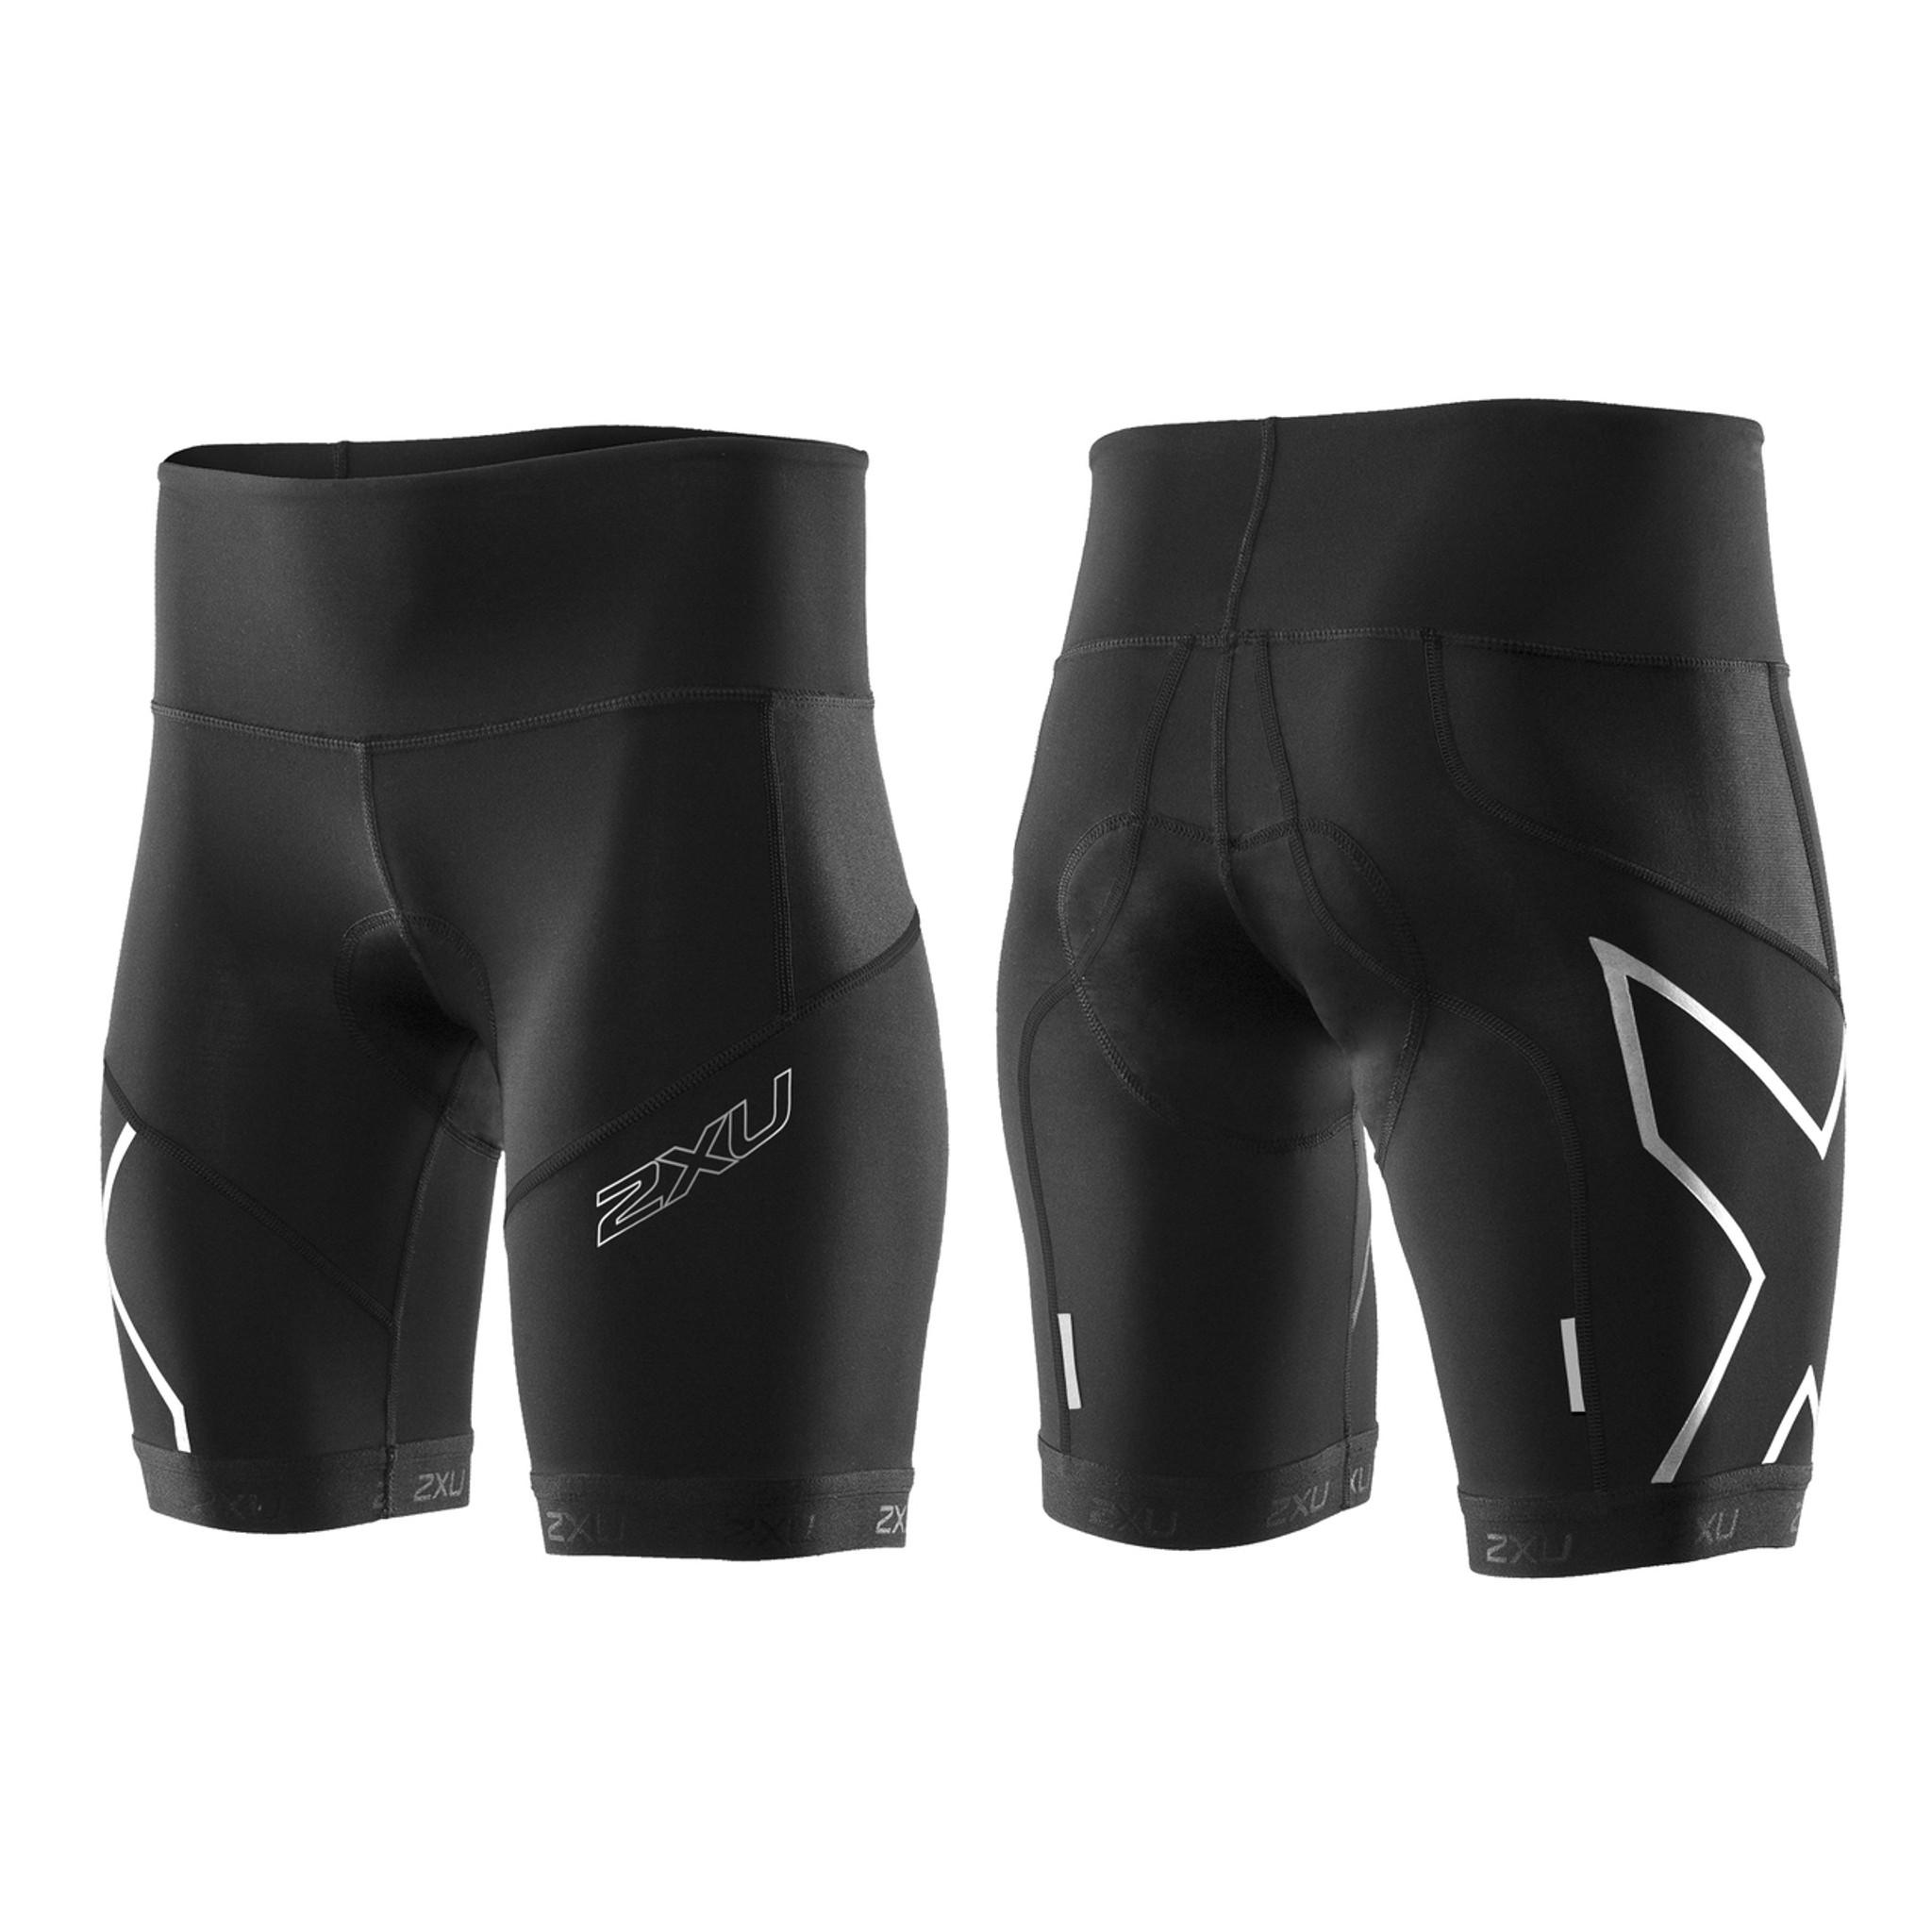 bafd6da88 2XU Women s Compression Cycle Shorts - MyTriathlon